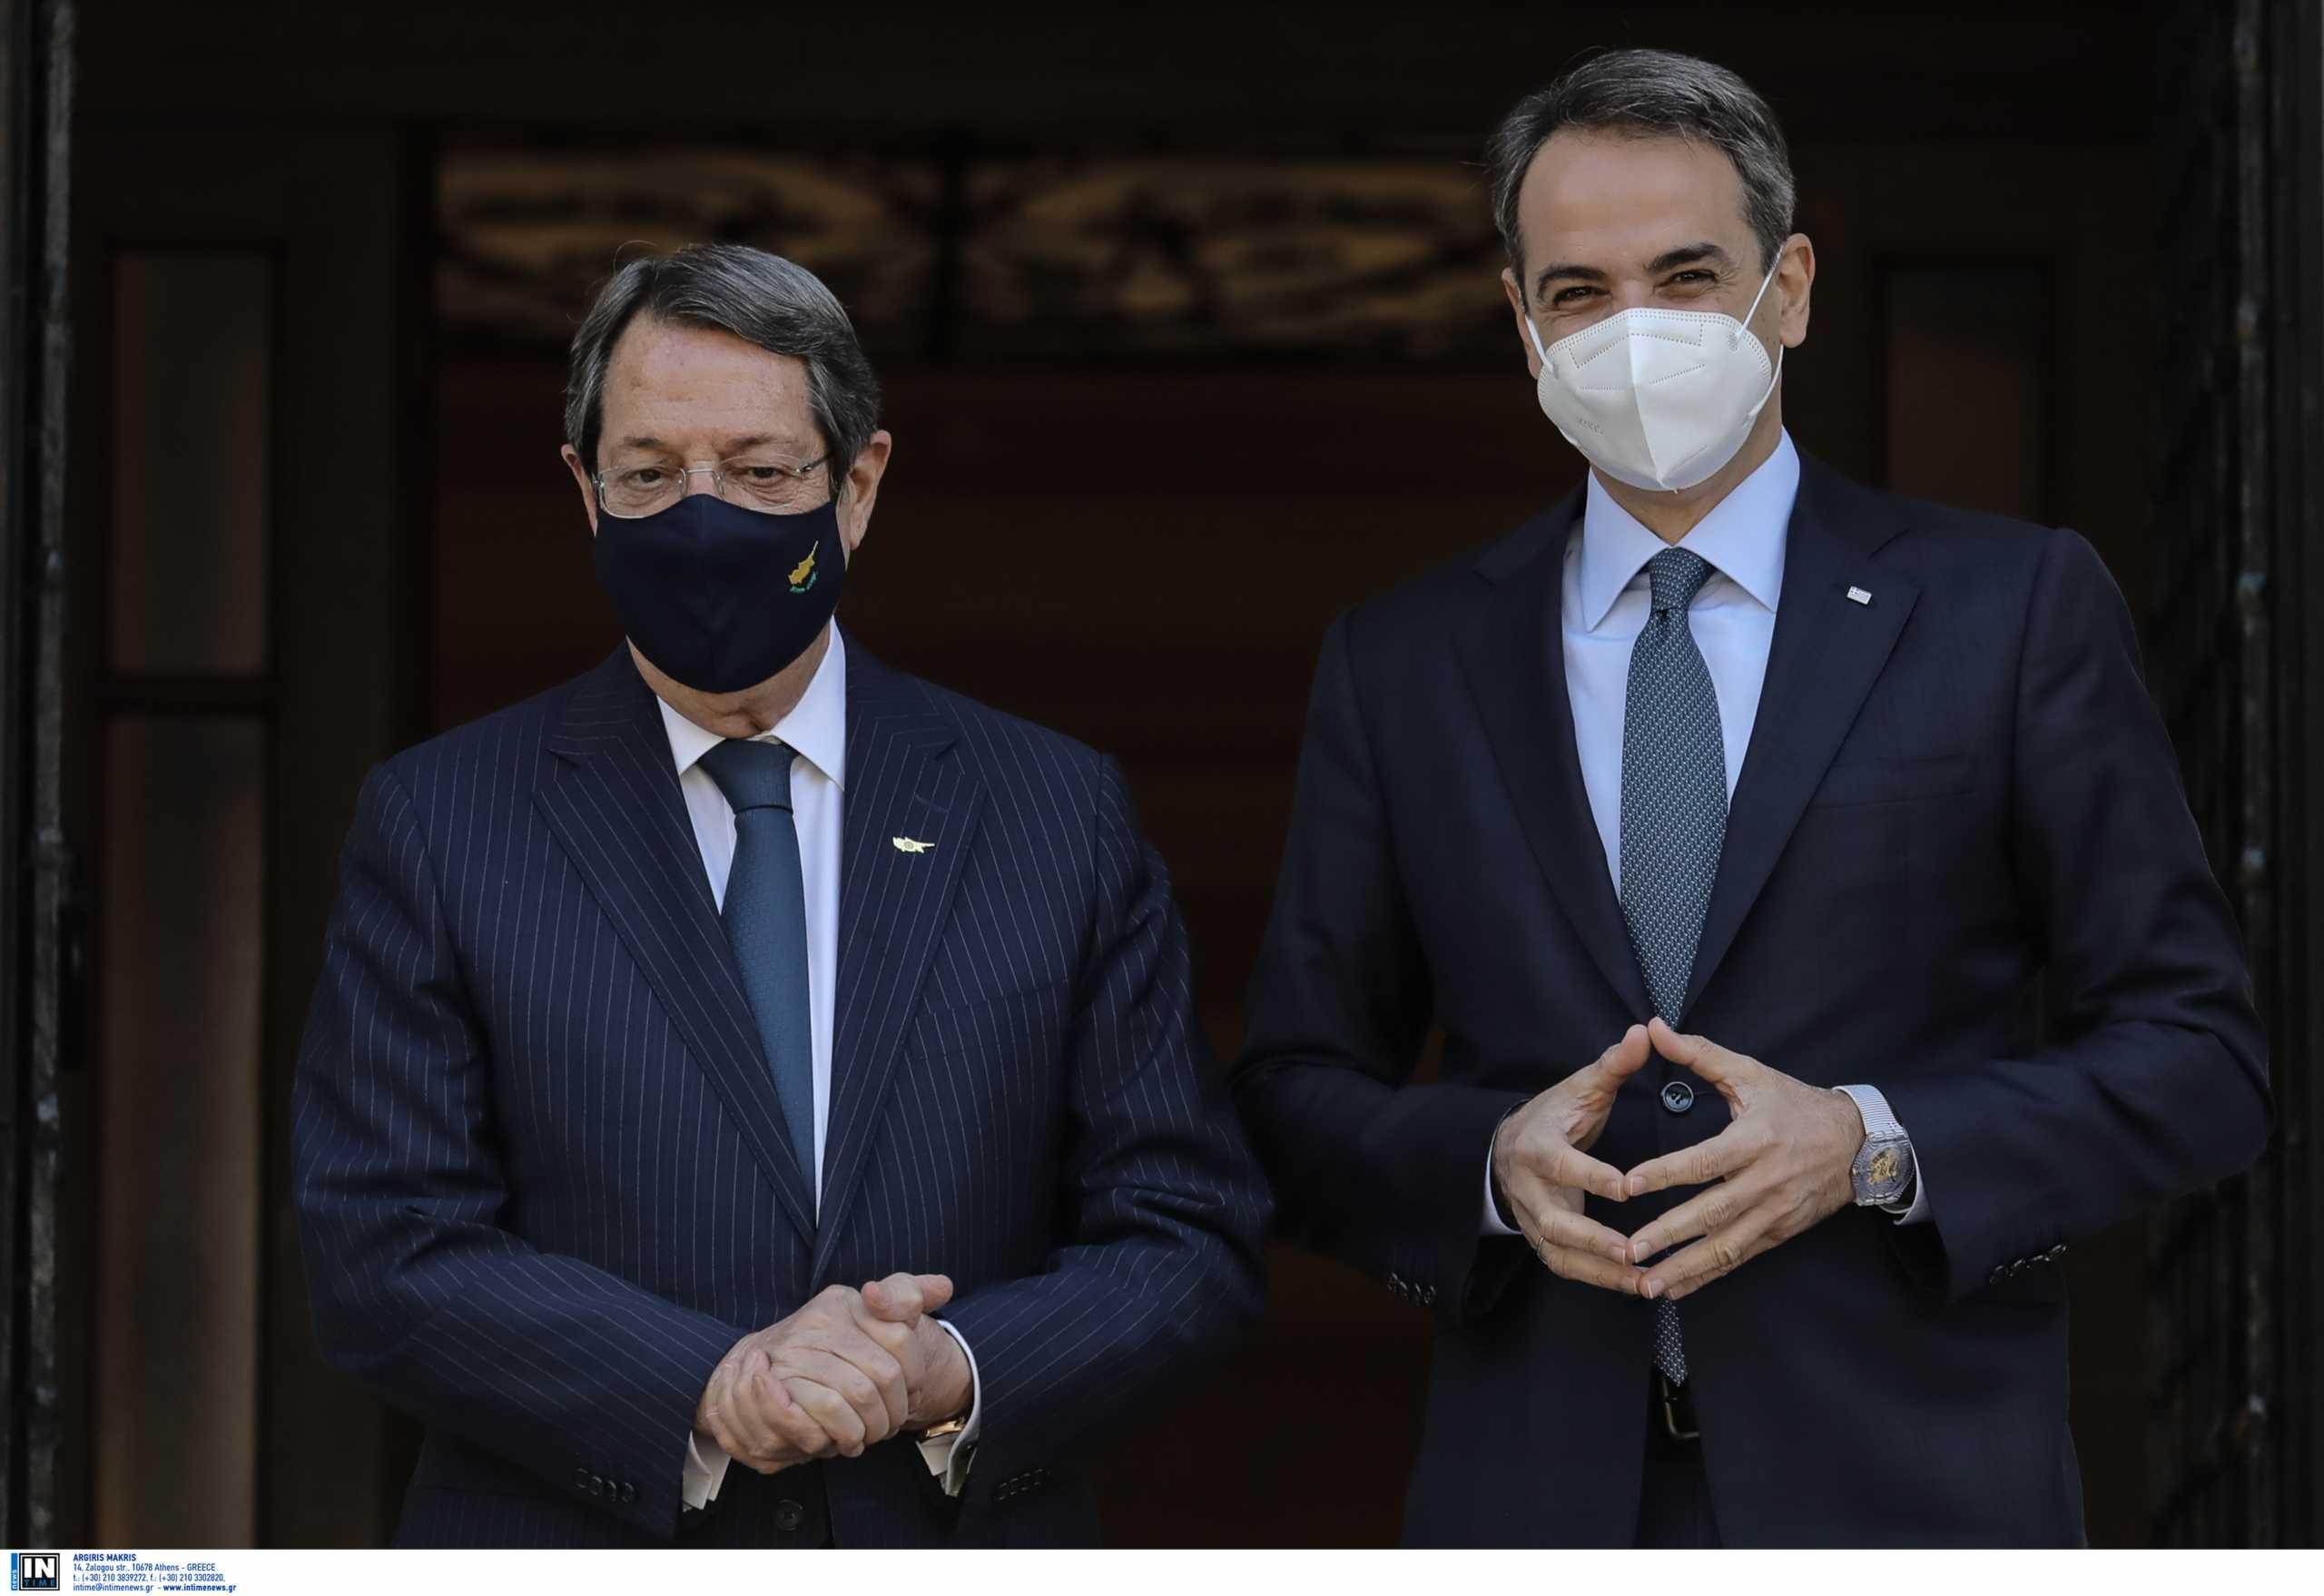 Κυπριακό: Αρχίζει η Διάσκεψη στη Γενεύη – Οι επιδιώξεις κάθε πλευράς και το πρόγραμμα των διαπραγματεύσεων